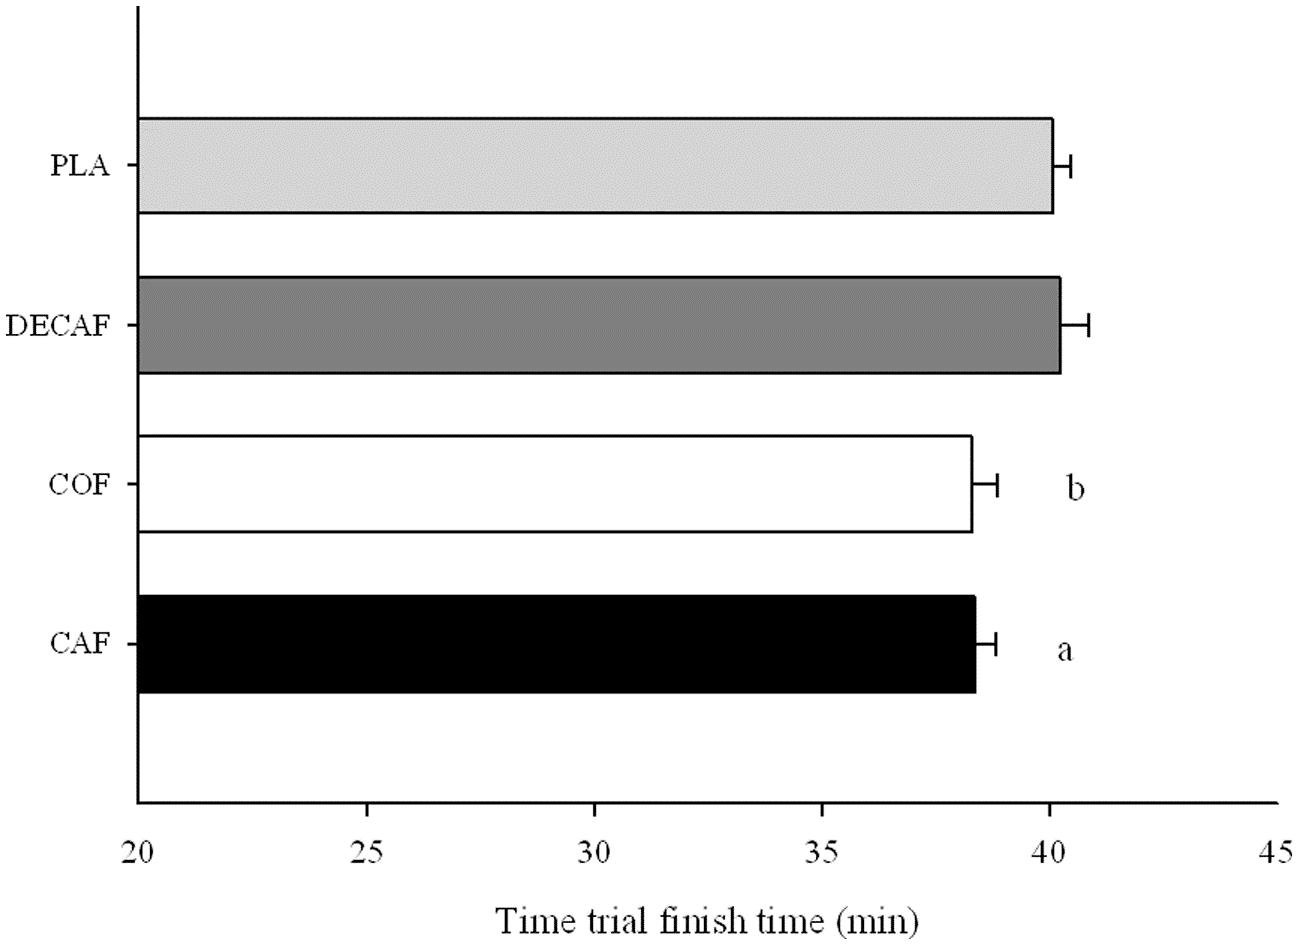 Figura 2. Tiempo de duración contrarreloj Cafeina vs Descafeinado